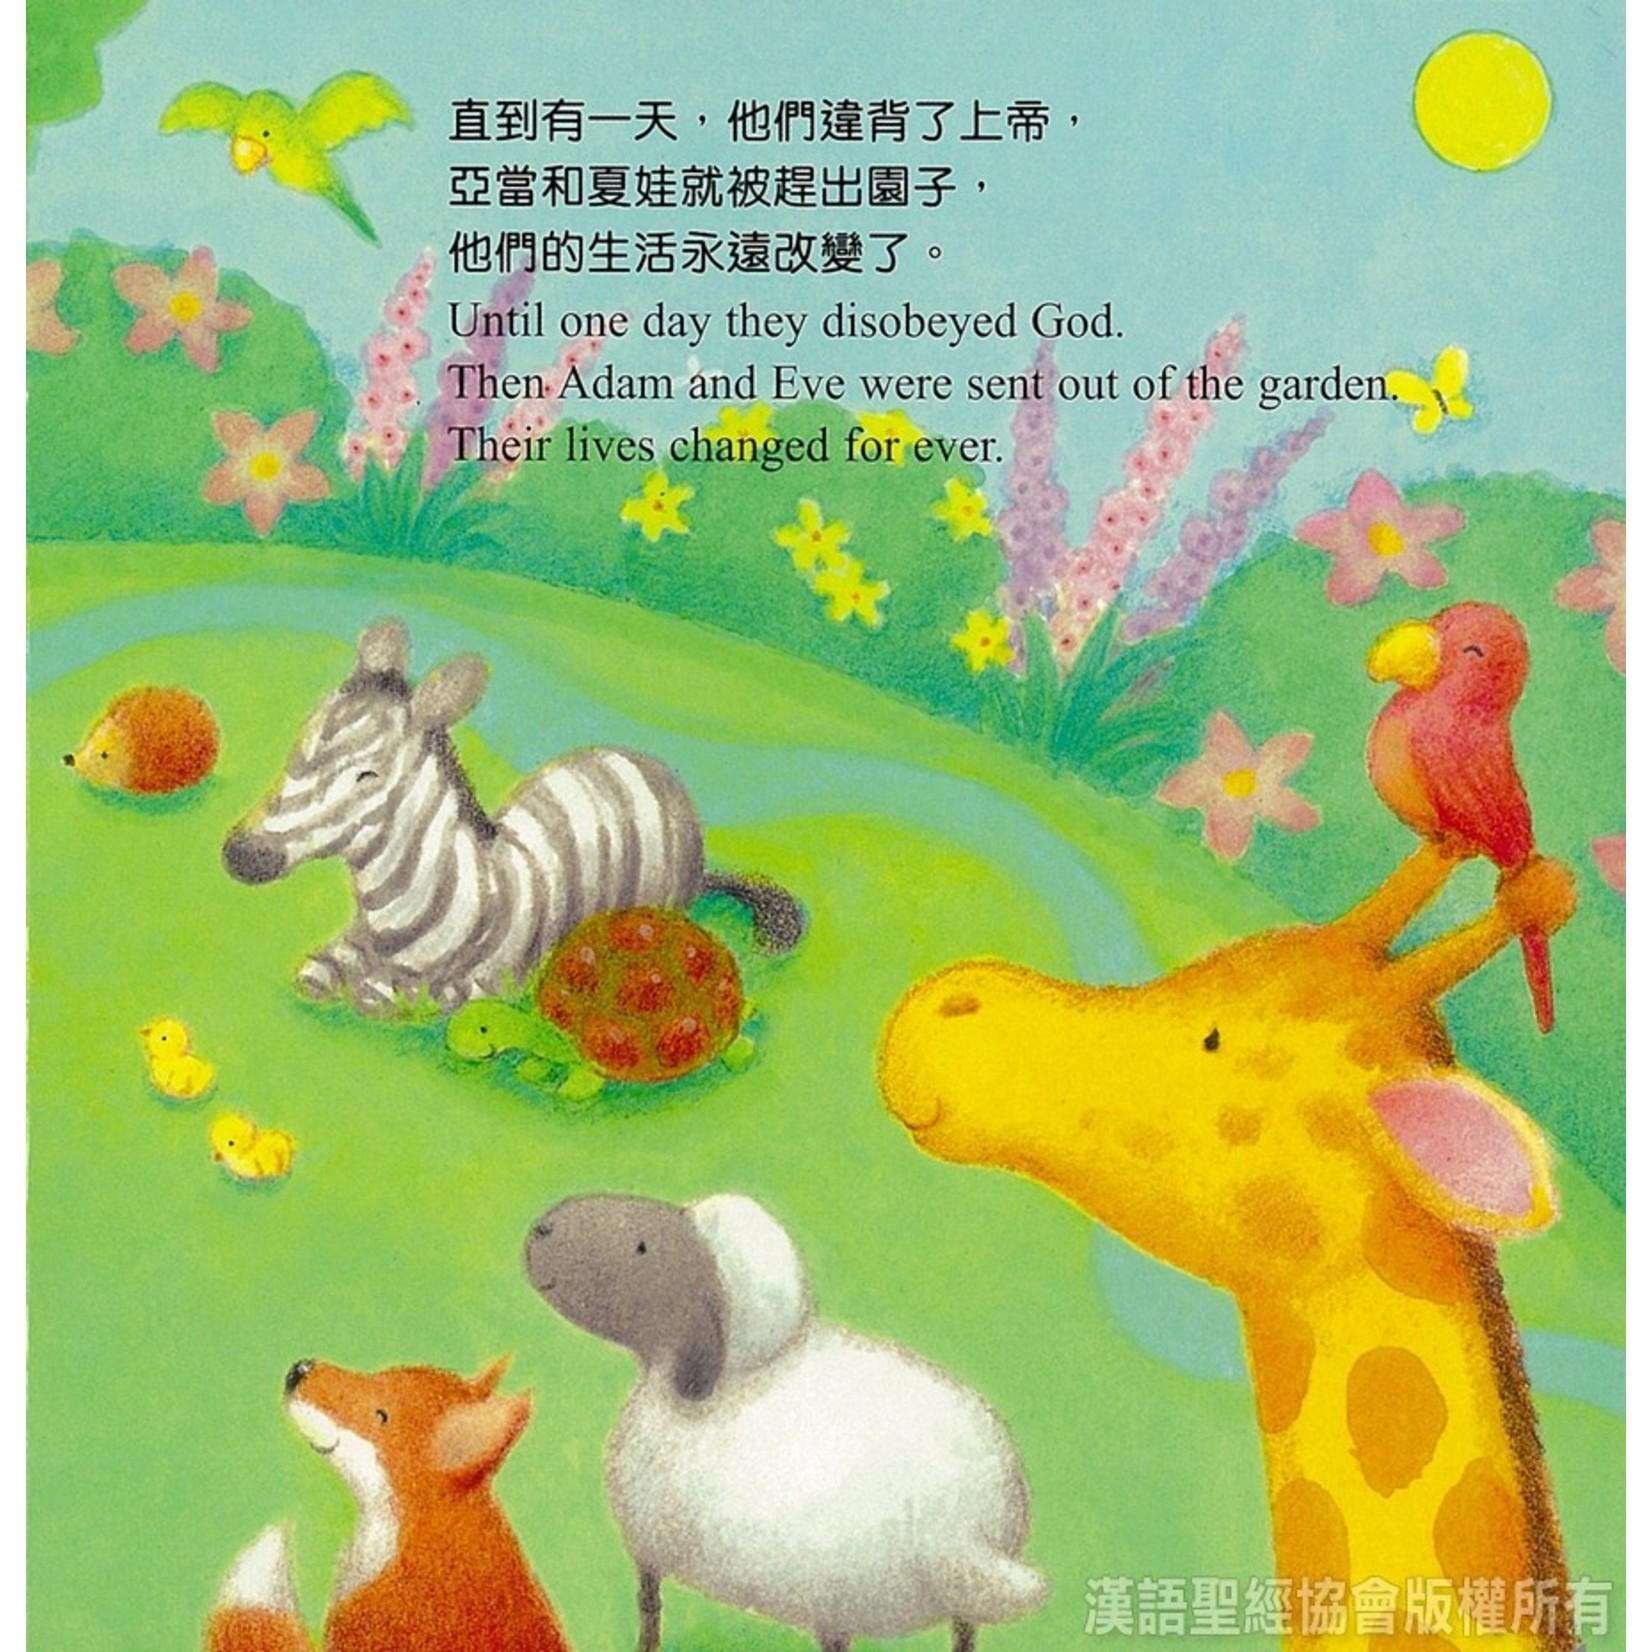 漢語聖經協會 Chinese Bible International 小朋友的聖經(中英對照)(繁體) The Bible for Little Ones - Chinese/English (Hardcover)